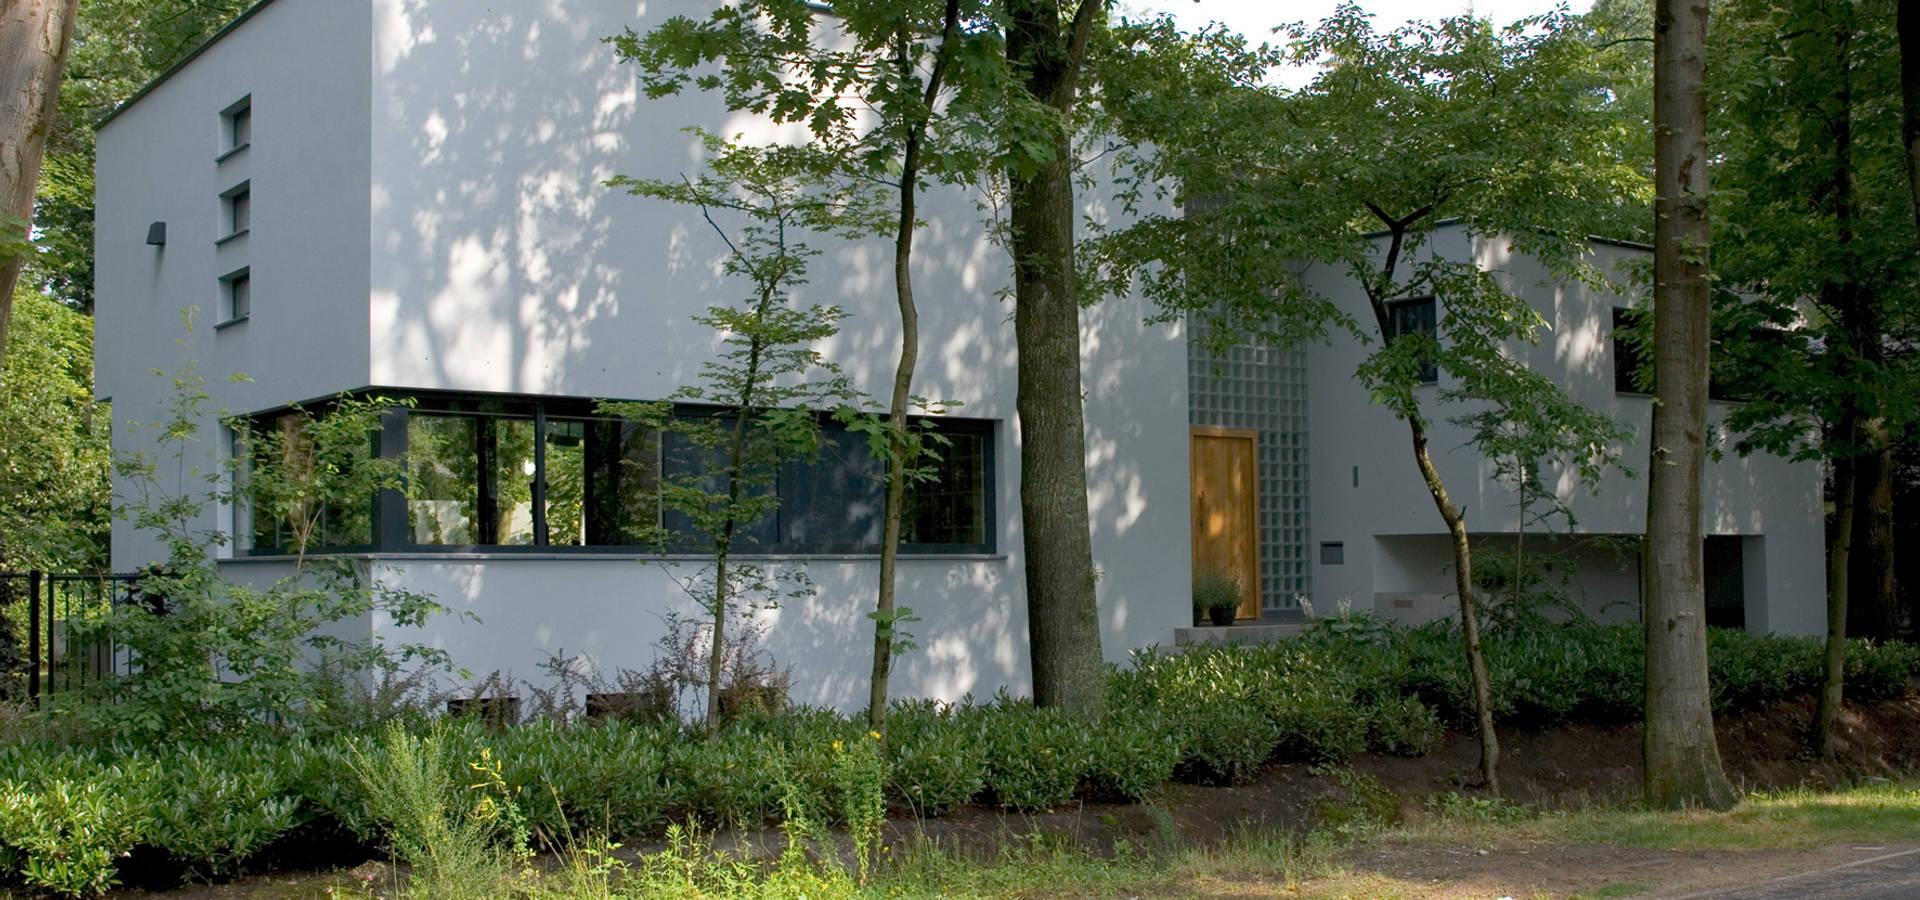 Doreth eijkens interieur architectuur villa vught homify for Interieur architectuur